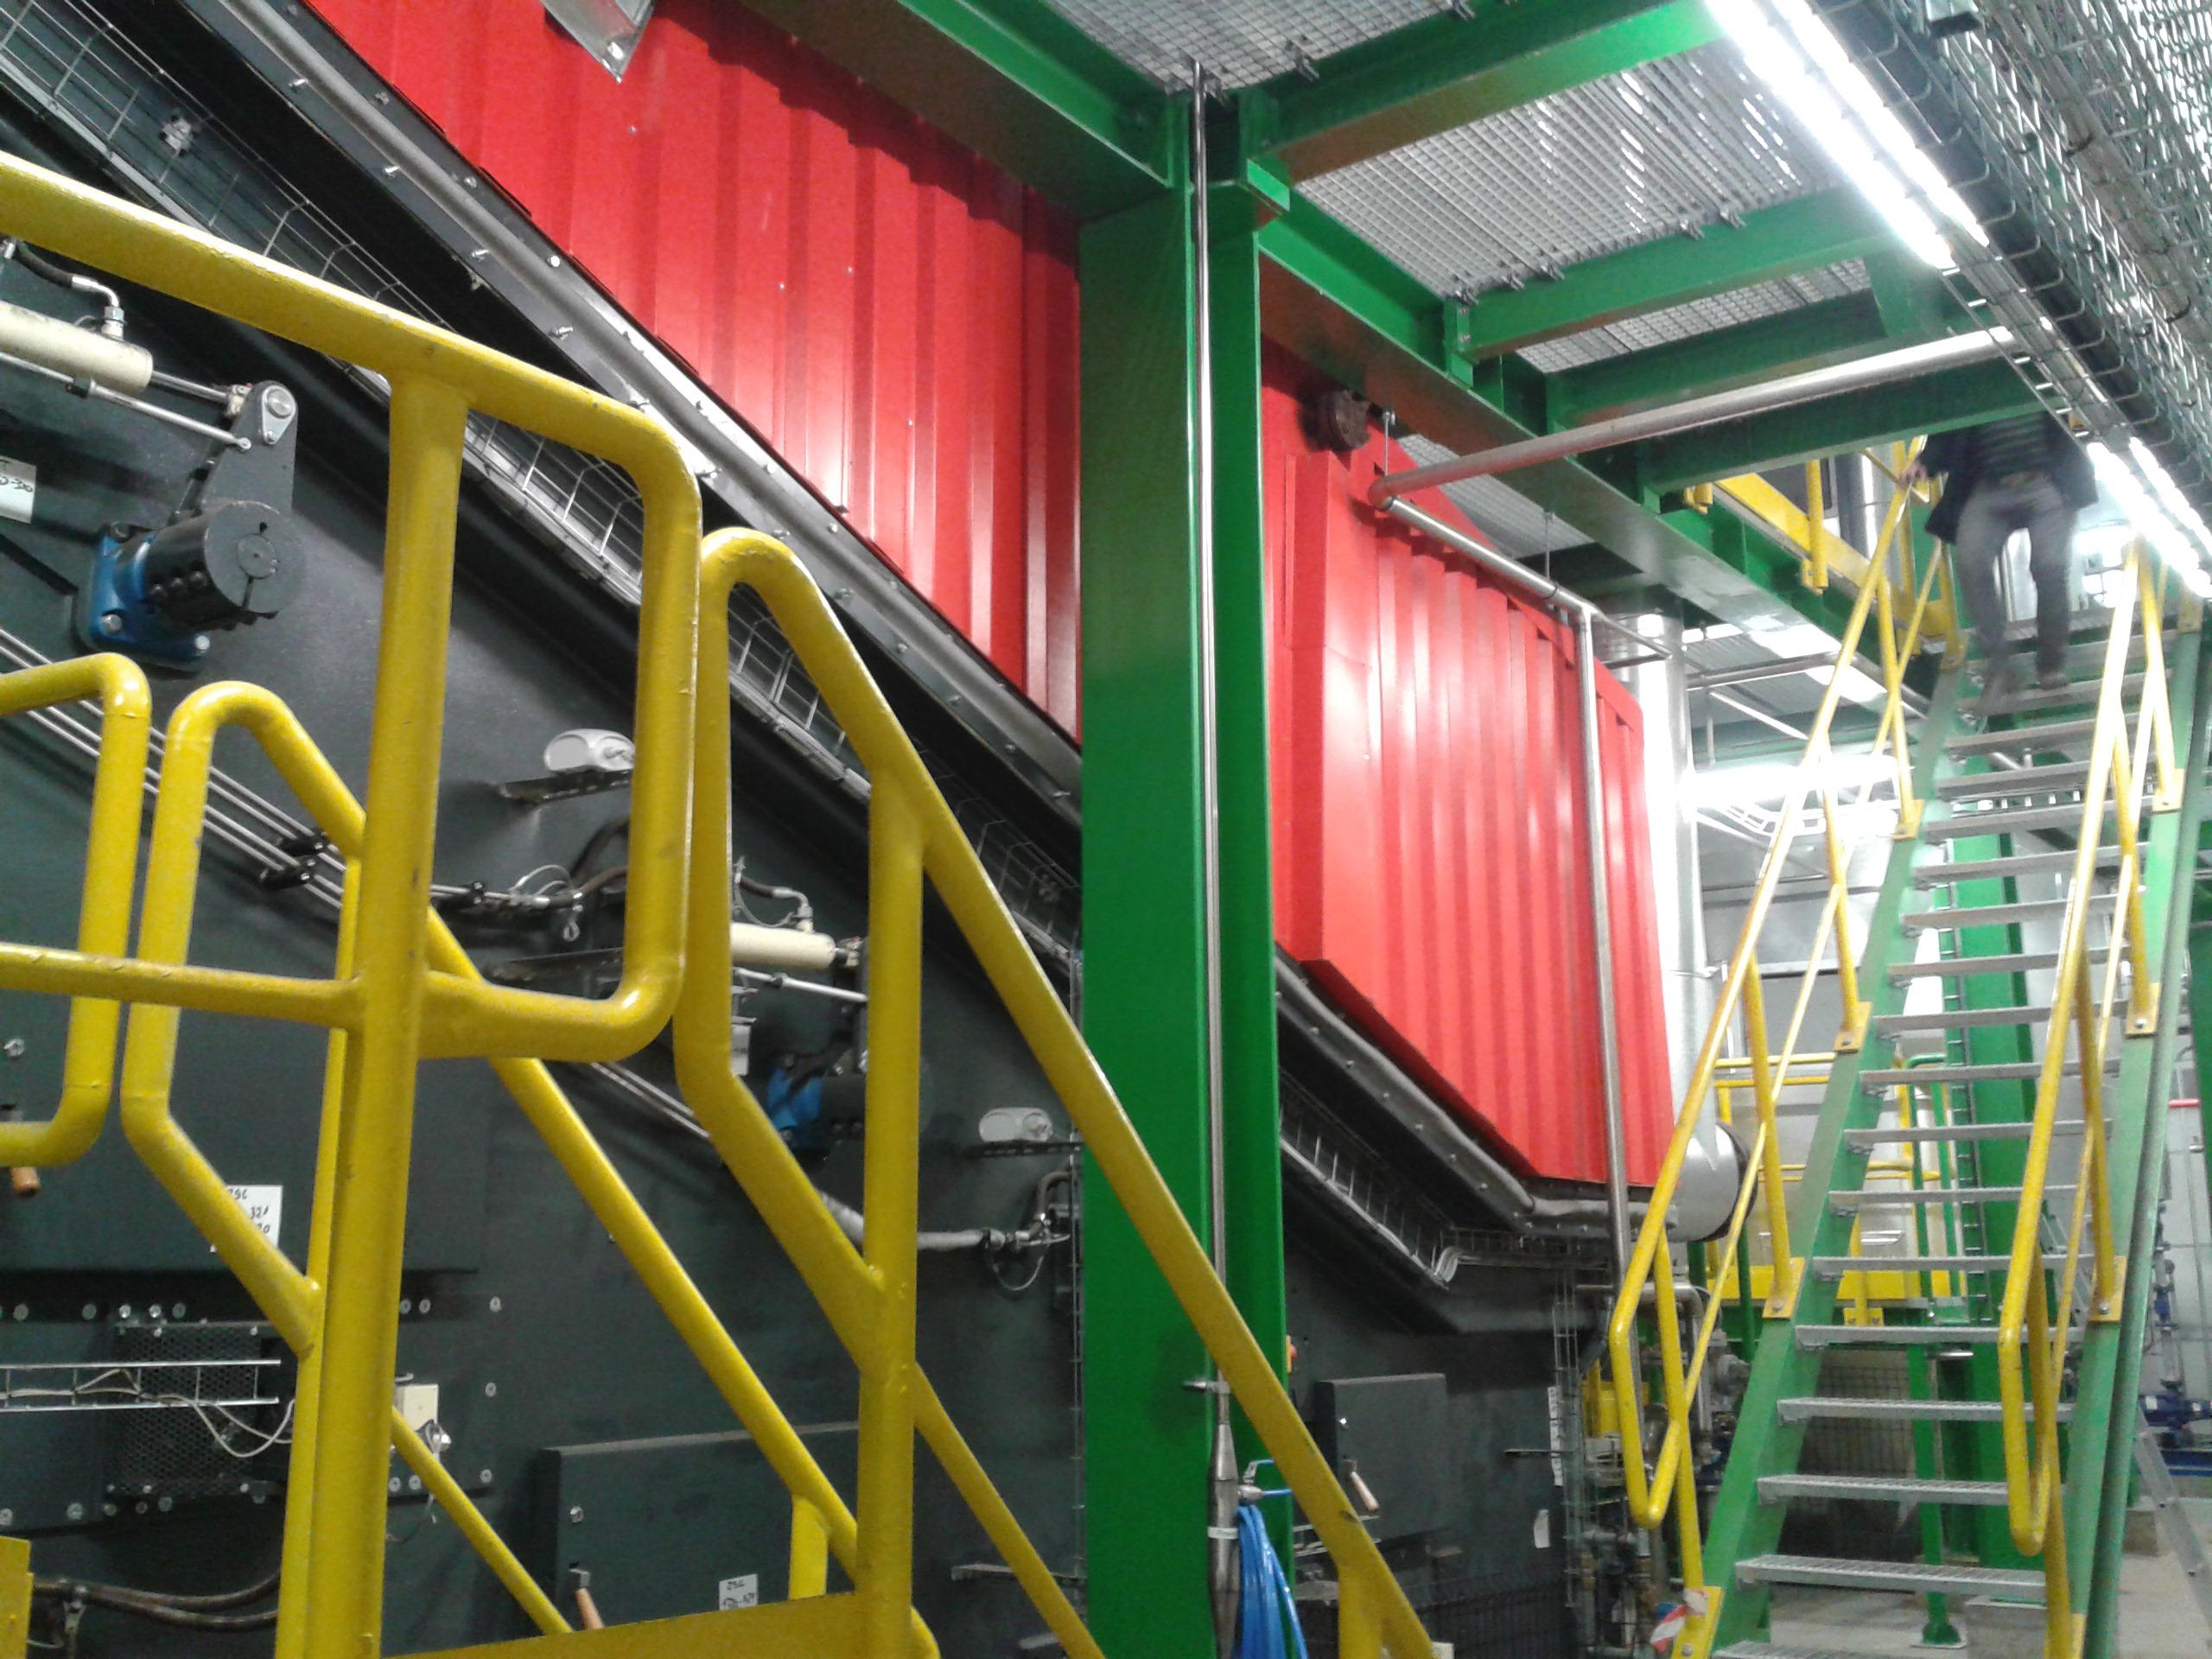 Nowa kotłownia nie tylko pozwoli dostarczyć do zakładu niezbędną energię cieplną, ale wykorzystać w efektywny sposób odpady poprodukcyjne. Fot. Steico